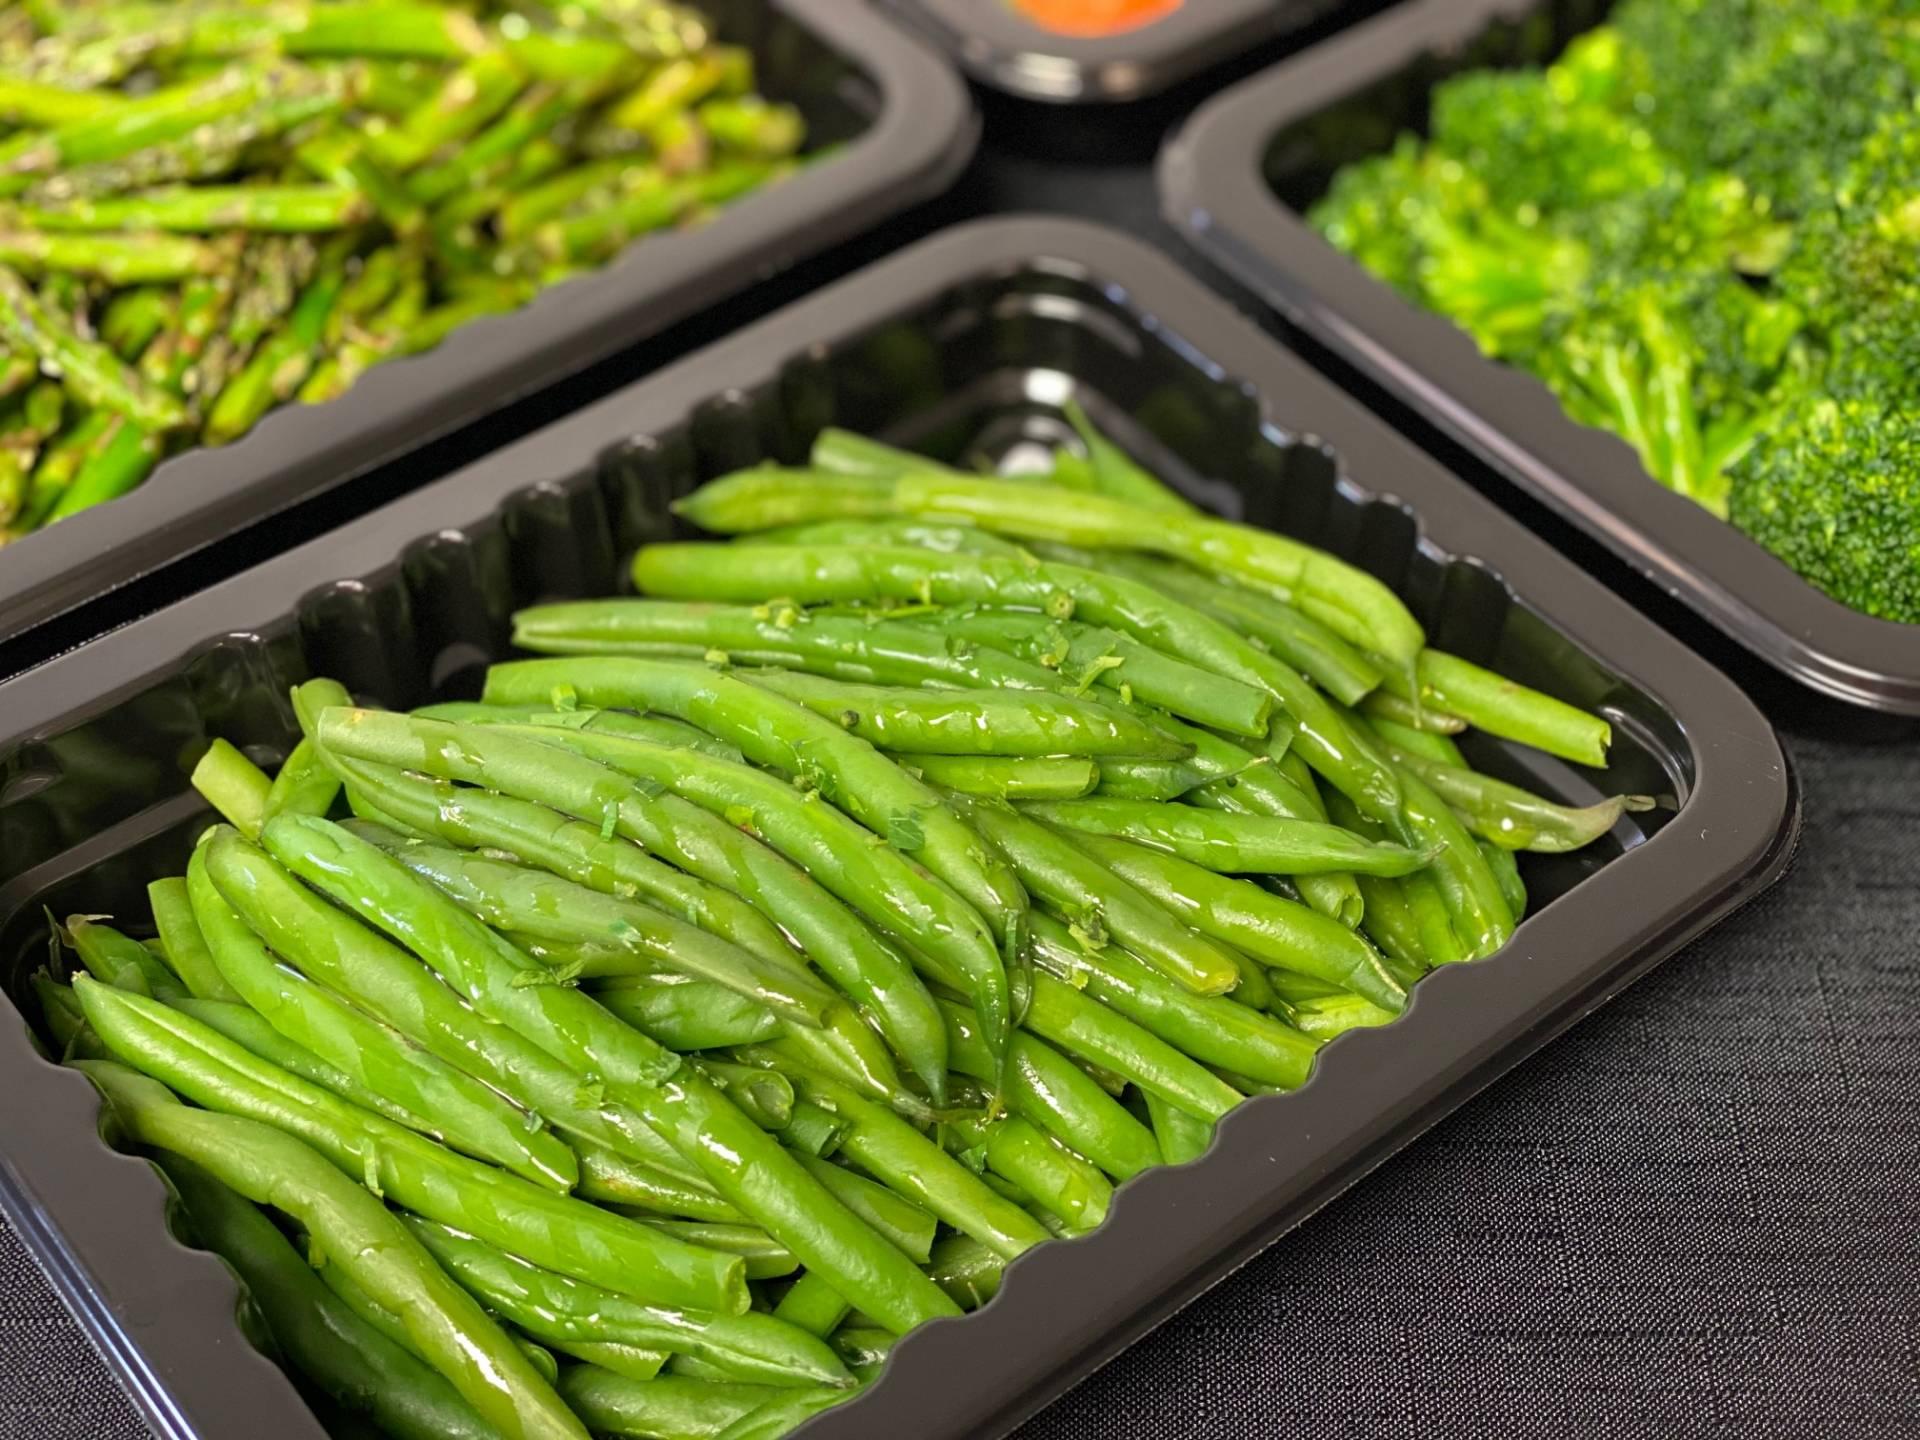 Xtra Green Beans